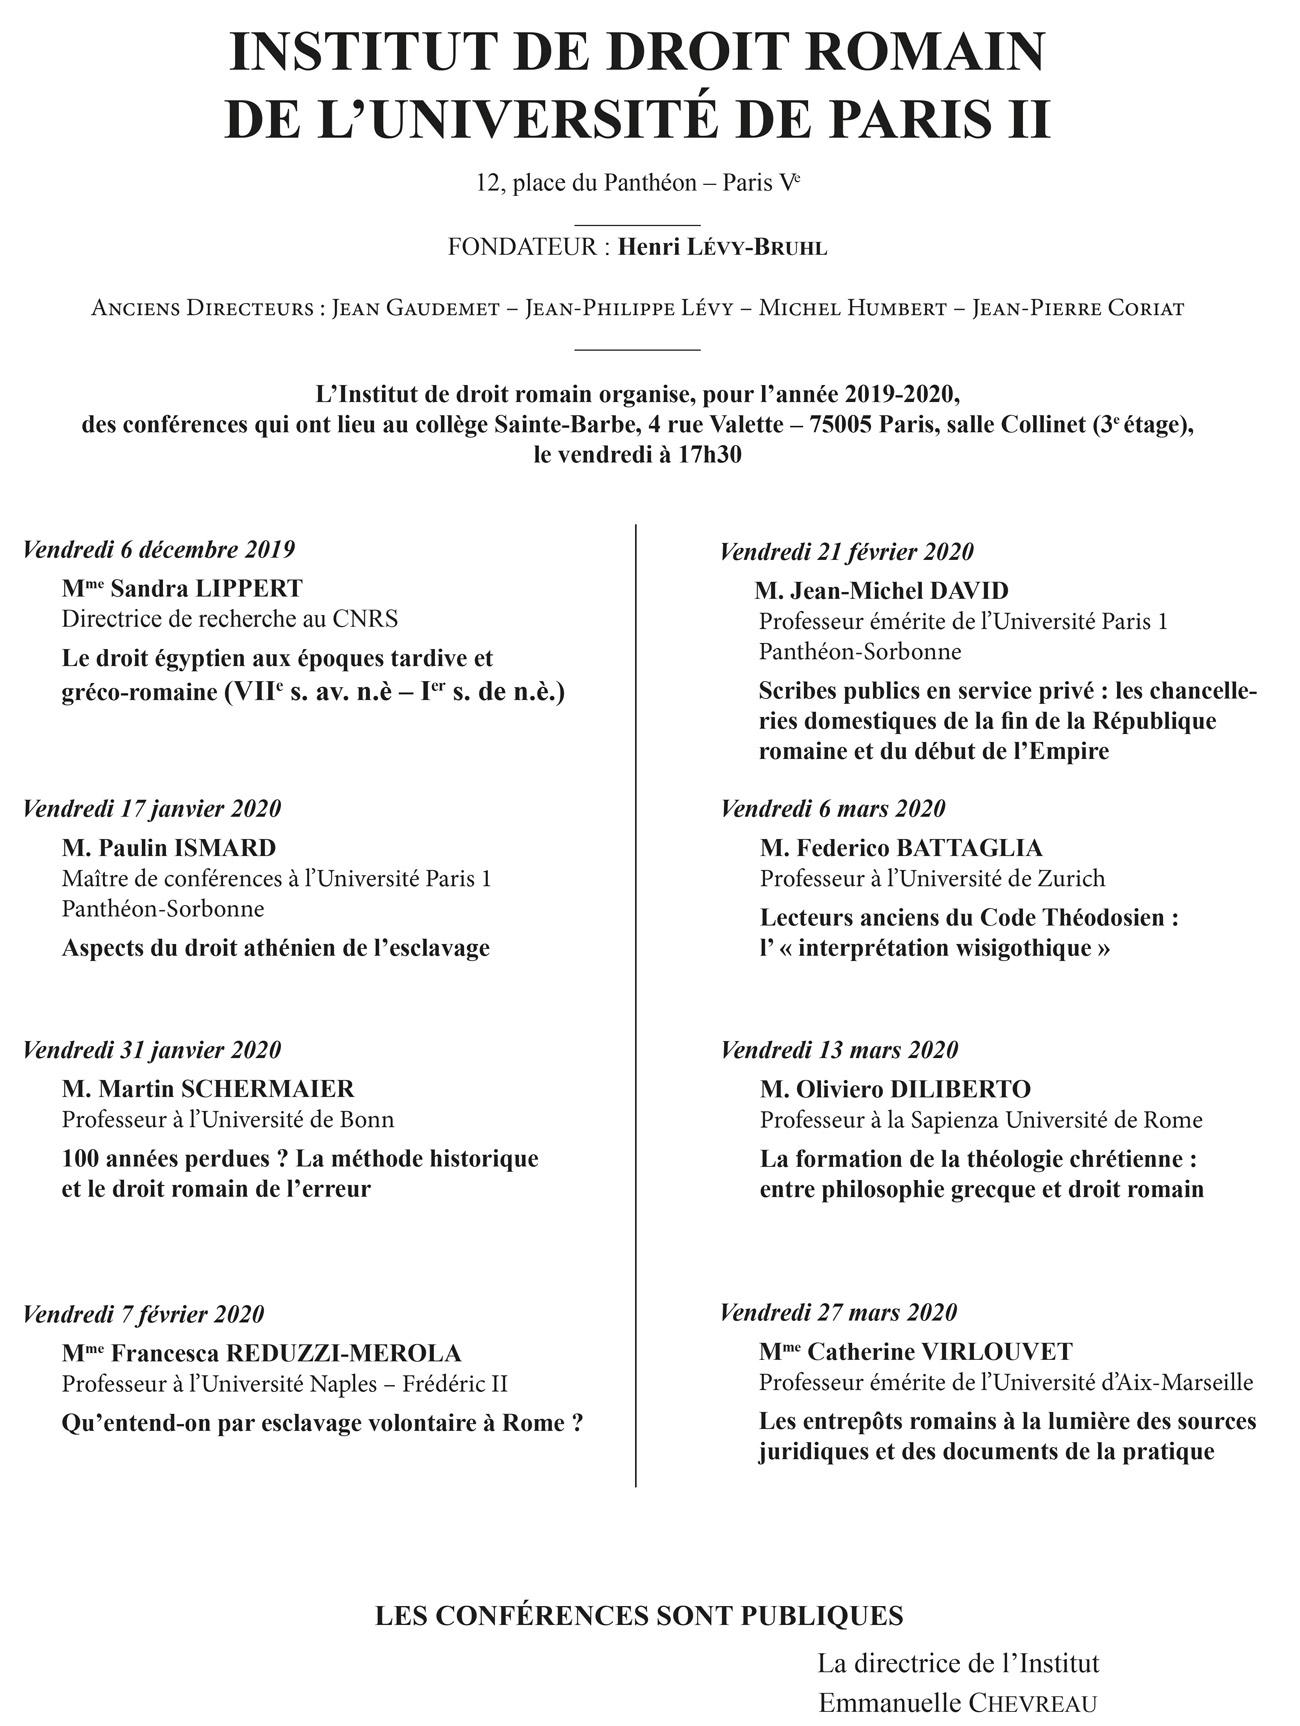 Programme des conférences de l'Institut de droit romain